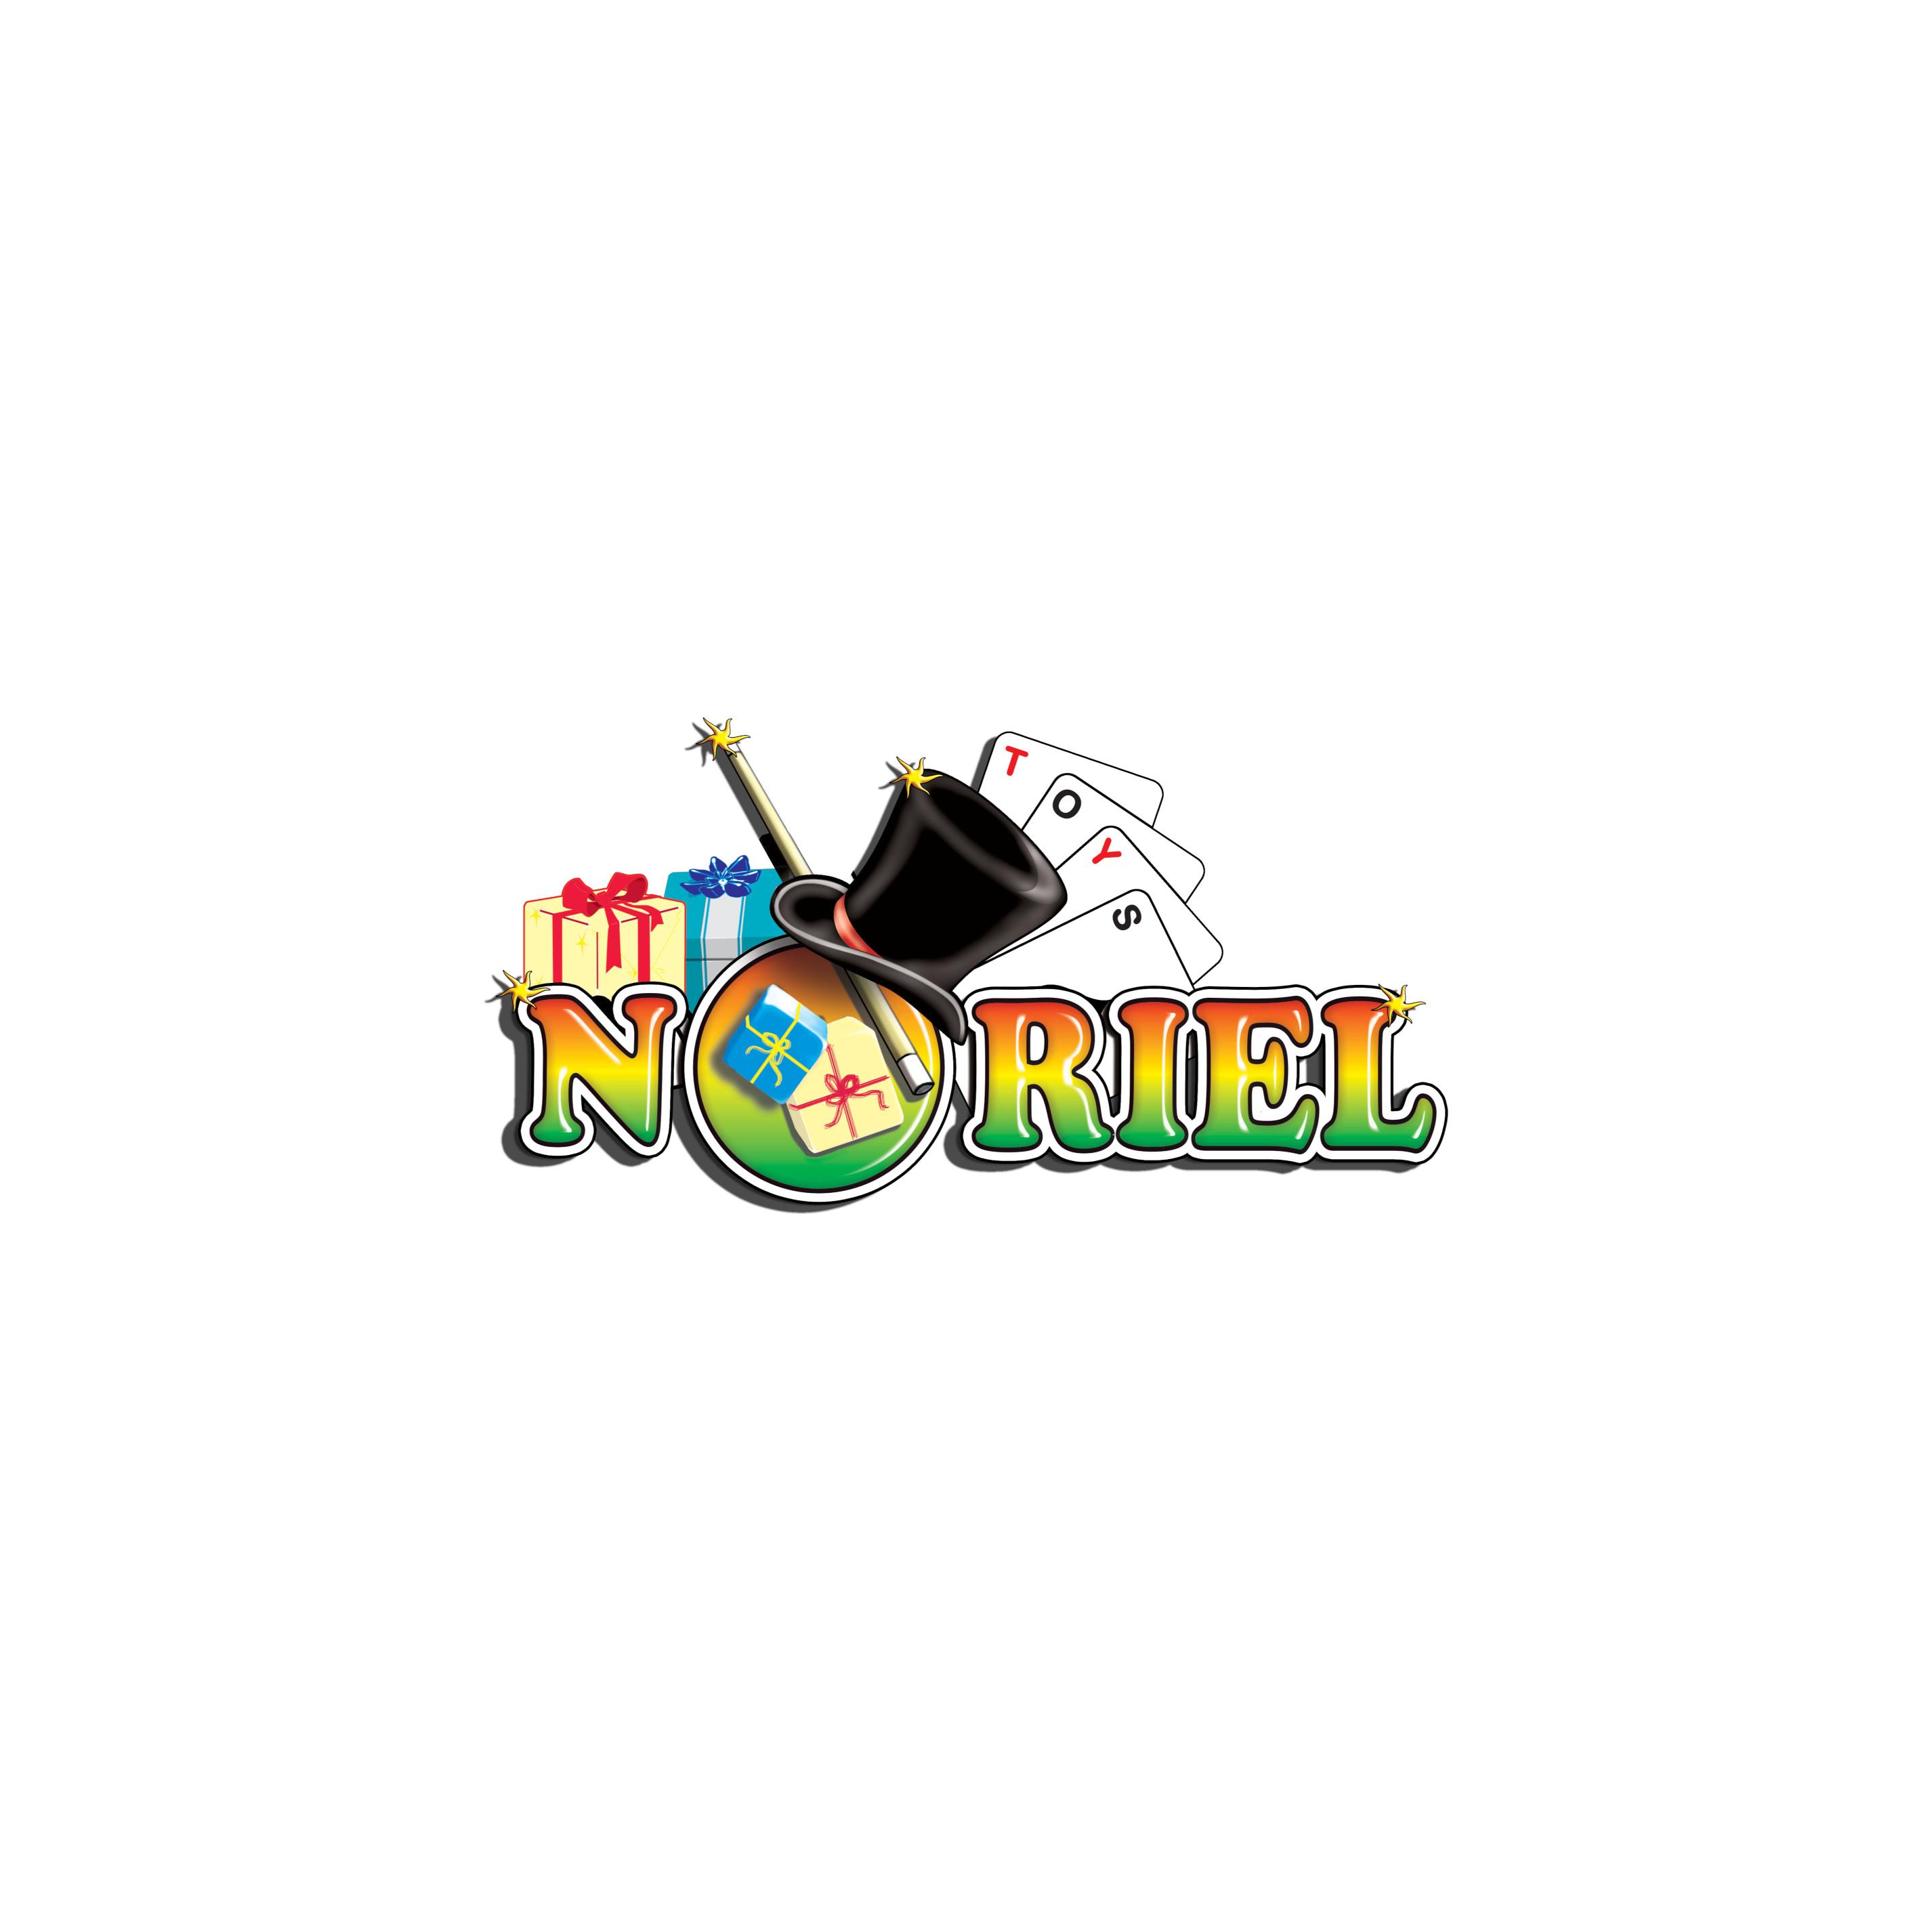 3760_3763_001 - Figurina jucarie interactiva Fingerlings Glitter Monkey Sugar - Alb 2